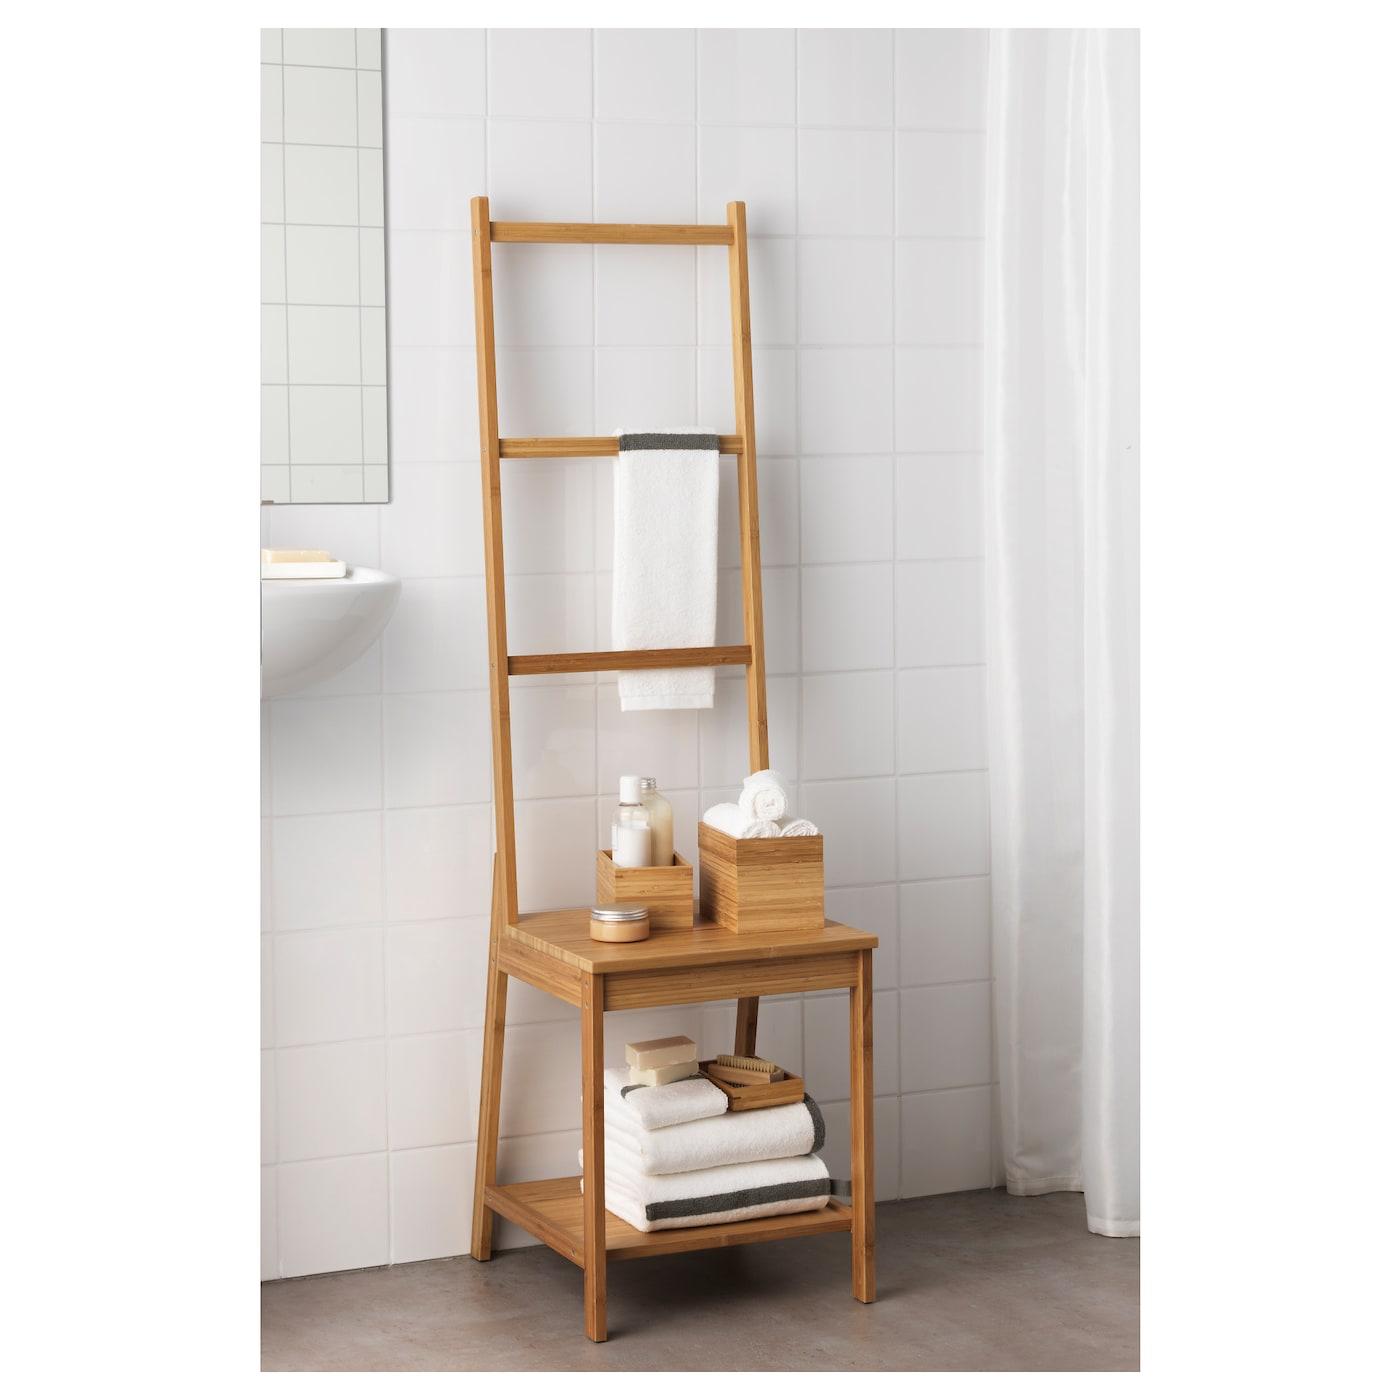 RÅGRUND Chaise porte serviettes Bambou IKEA